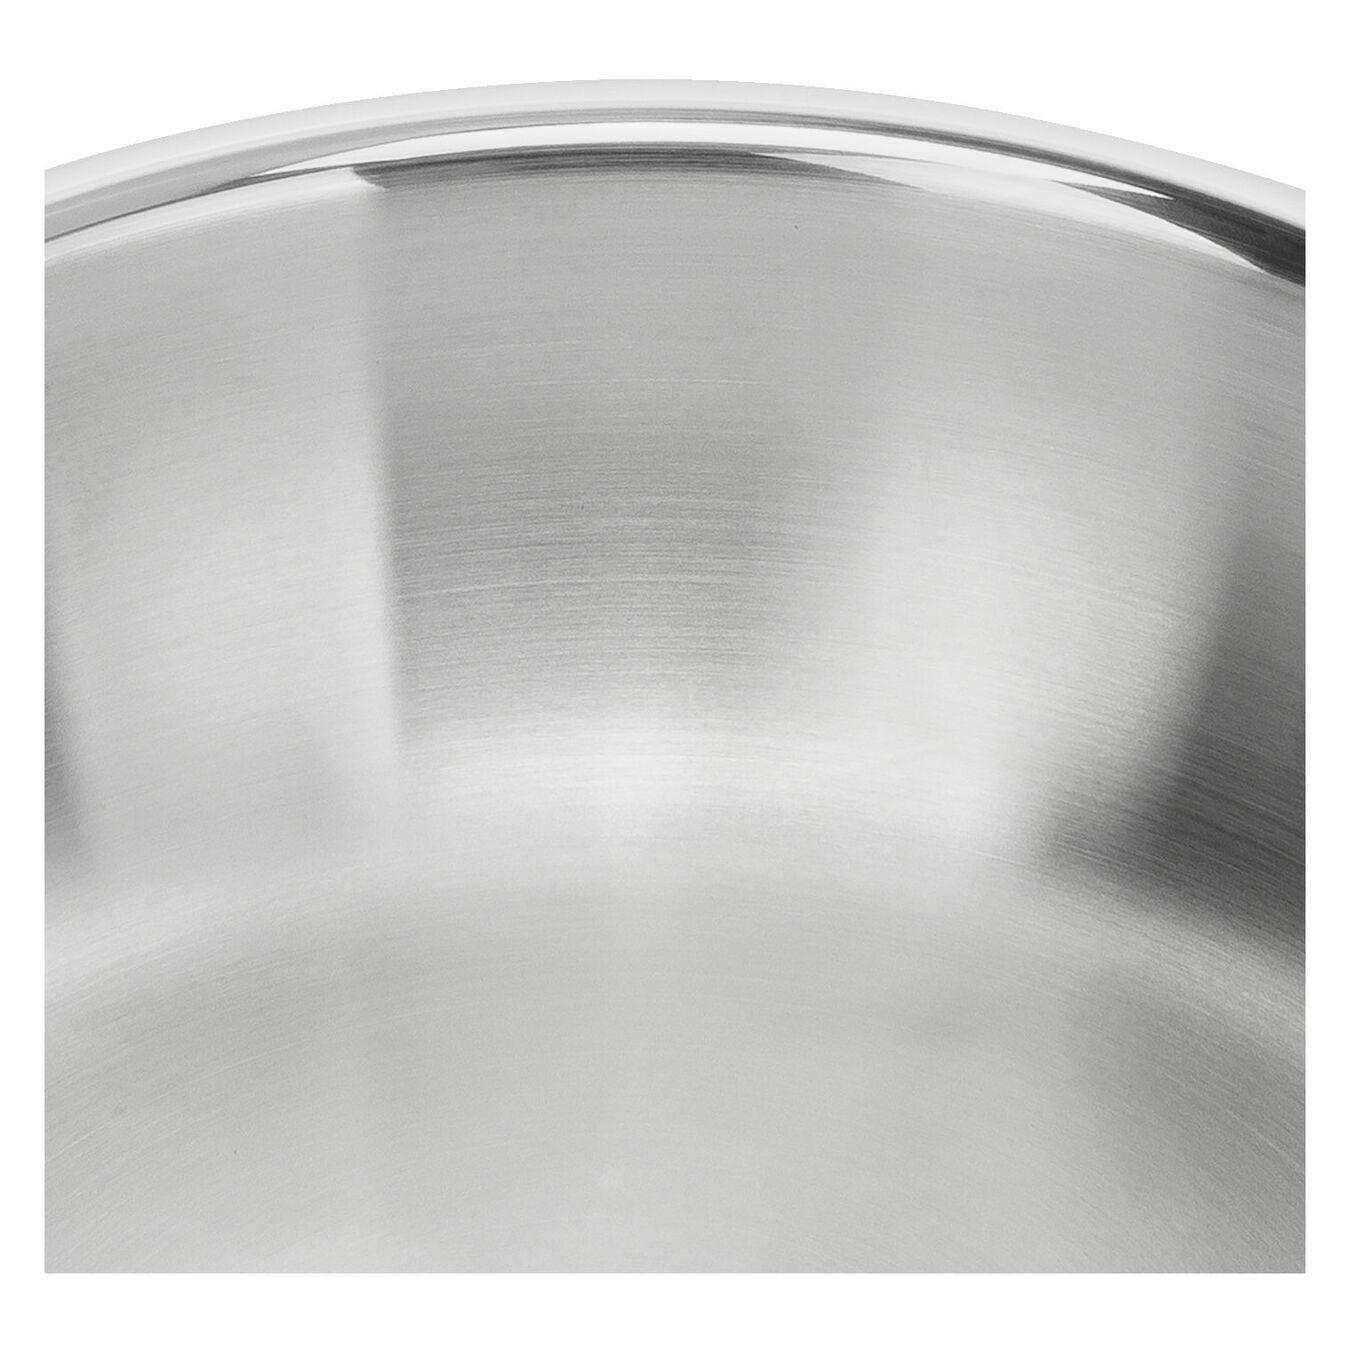 Stegepander 24 cm, 18/10 rustfrit stål, Sølv,,large 4